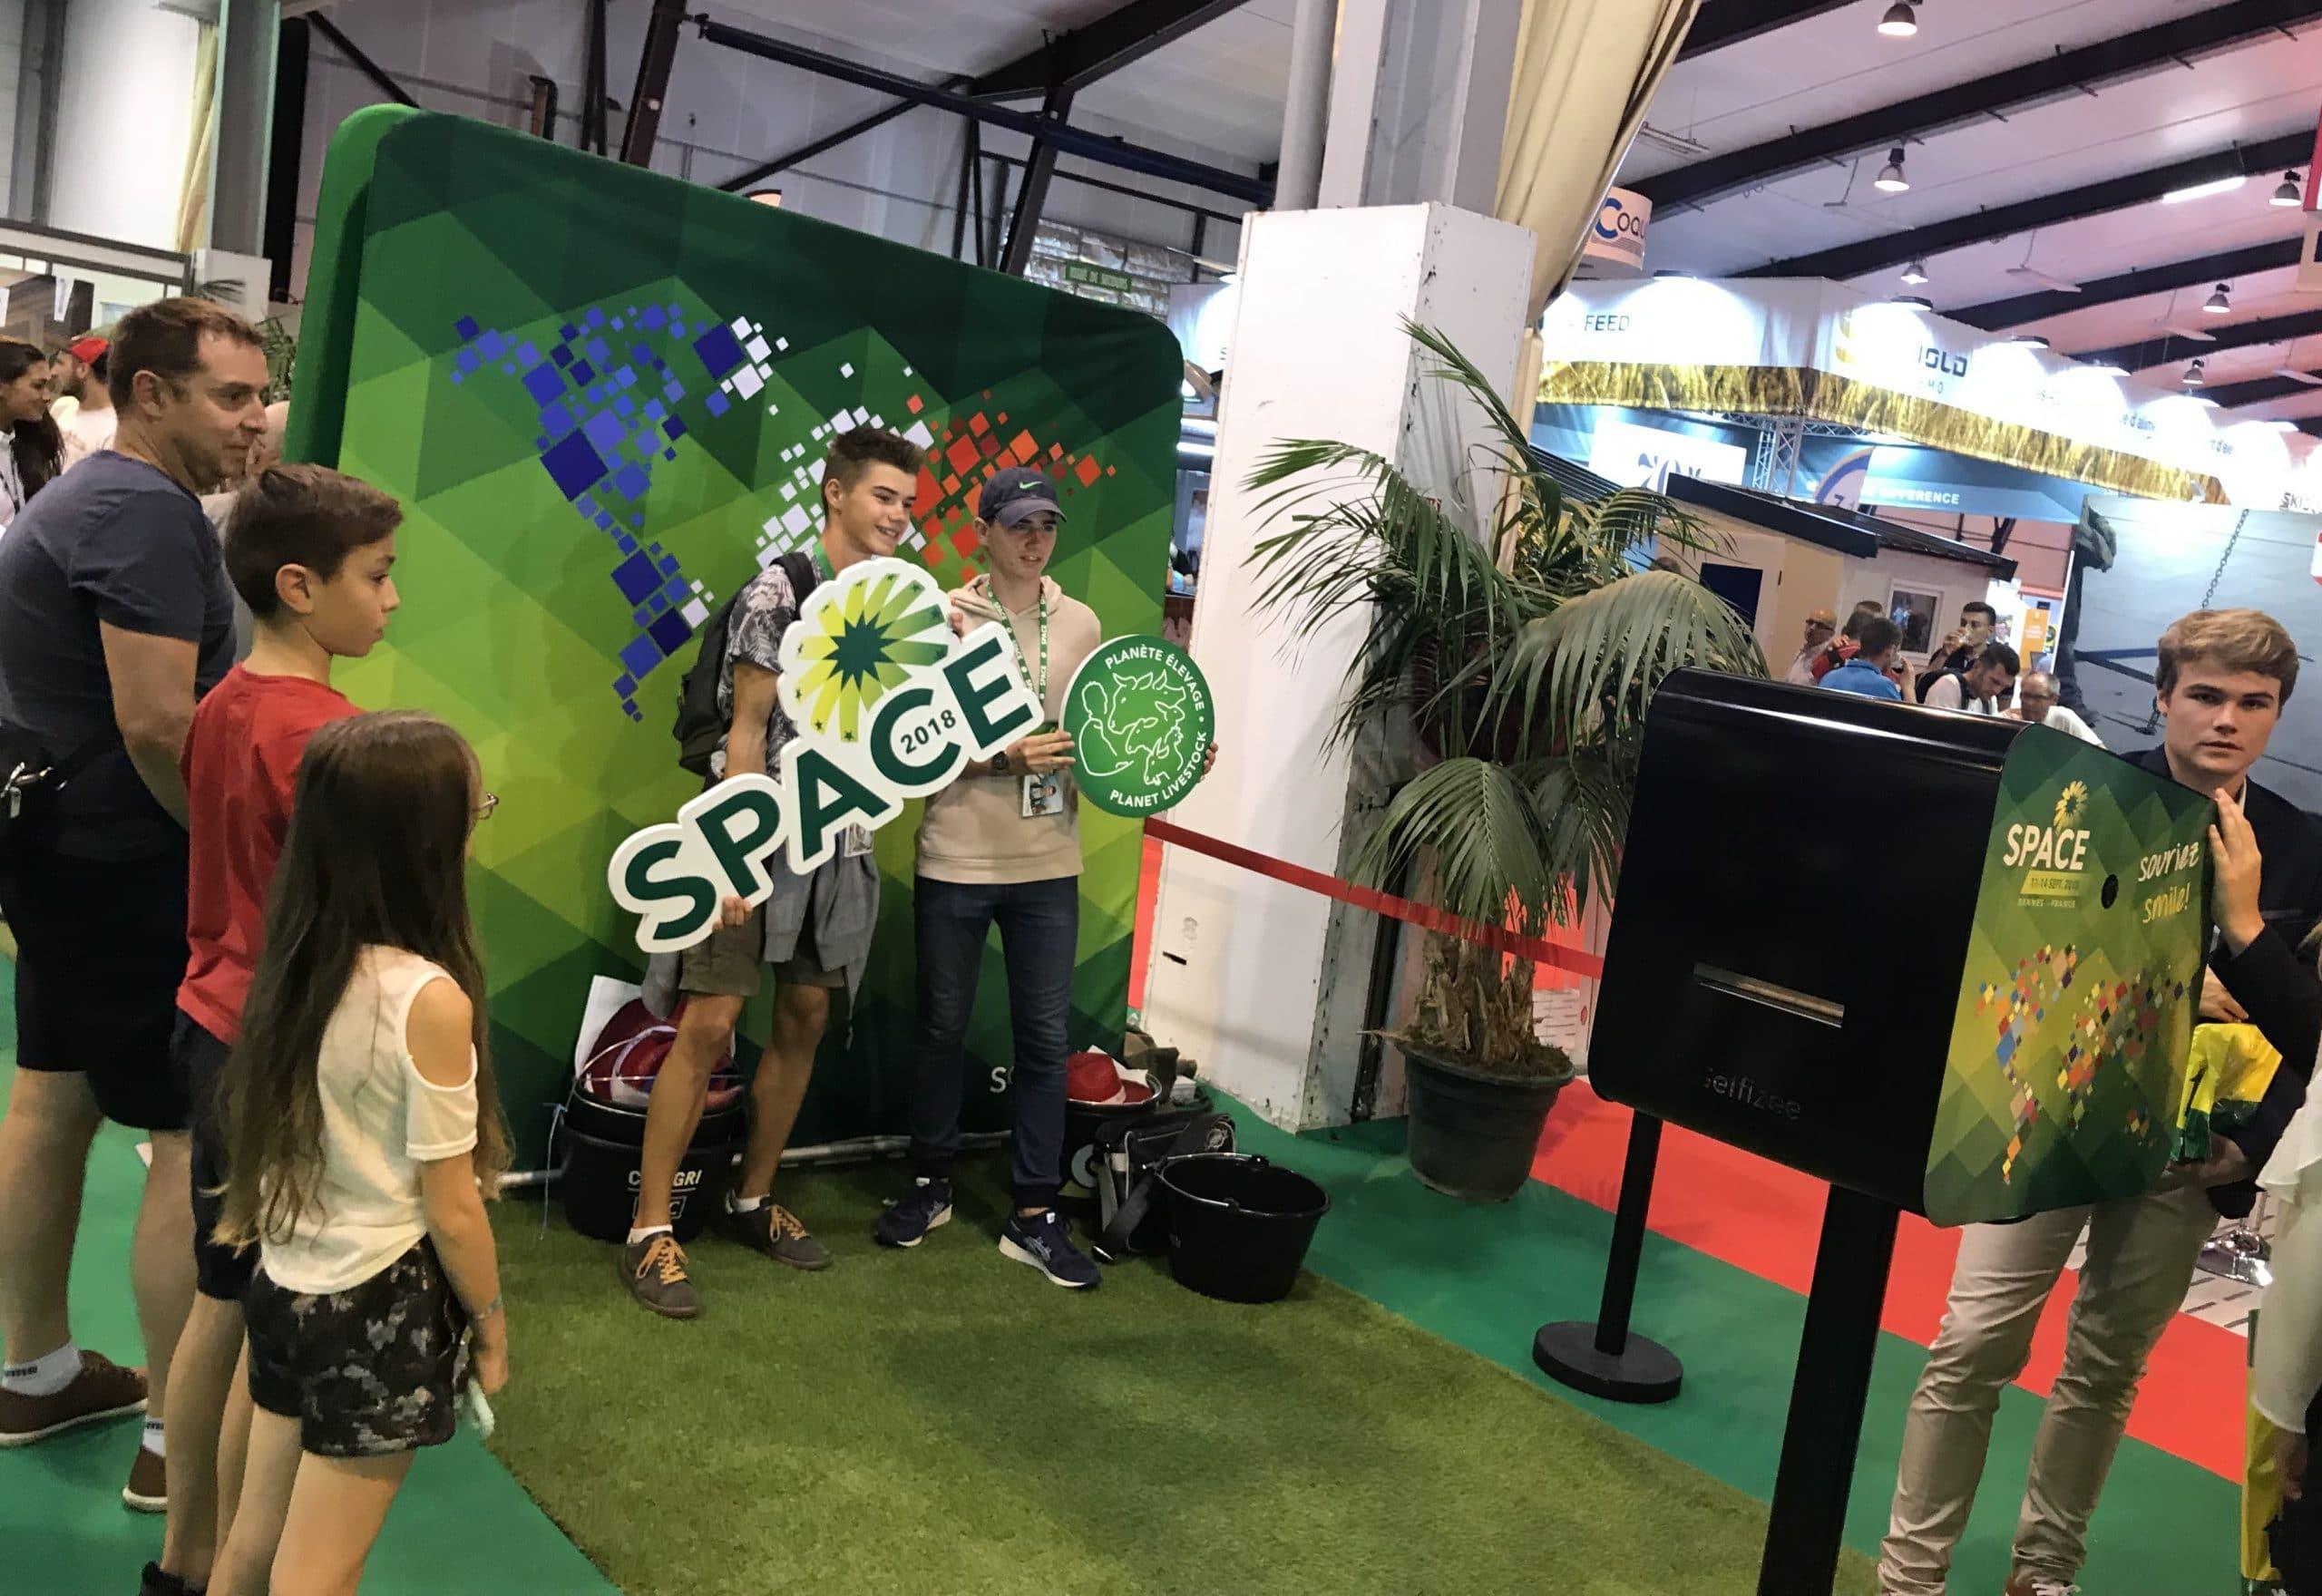 Animation photocall et borne photo personnalisée au salon du SPACE 2018 à Rennes